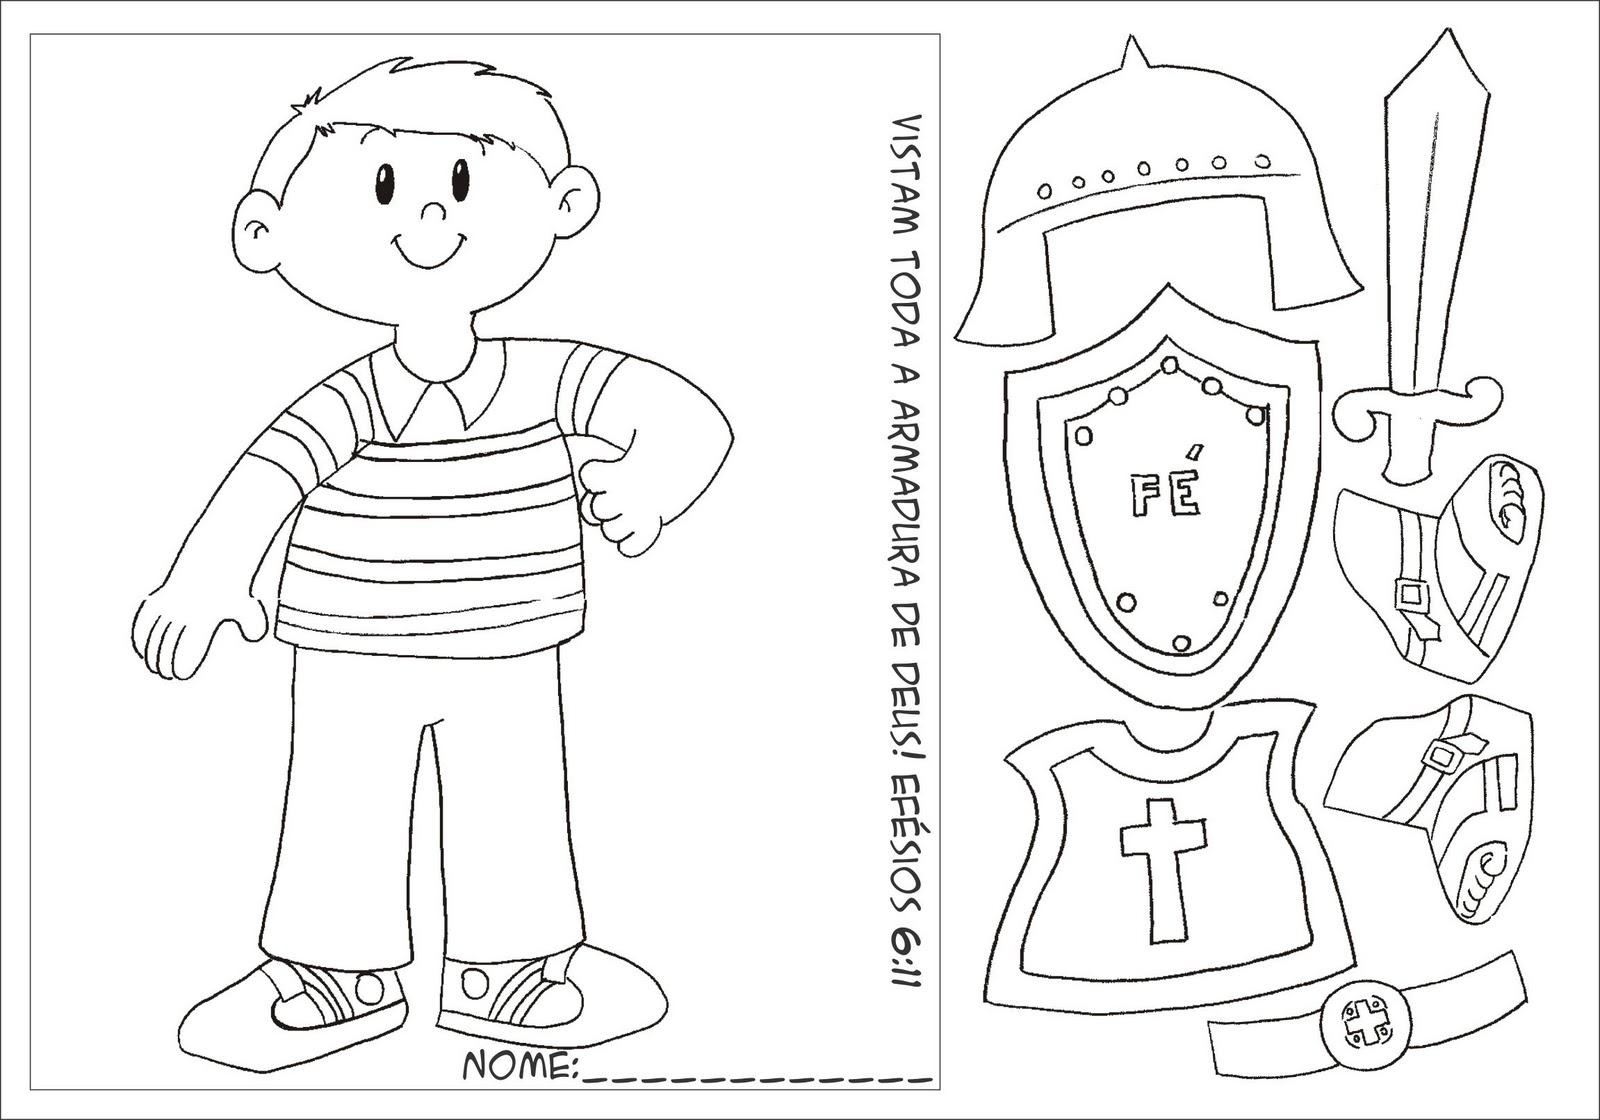 Crianças: Presente de Deus: Armadura de Deus (Moldes ou